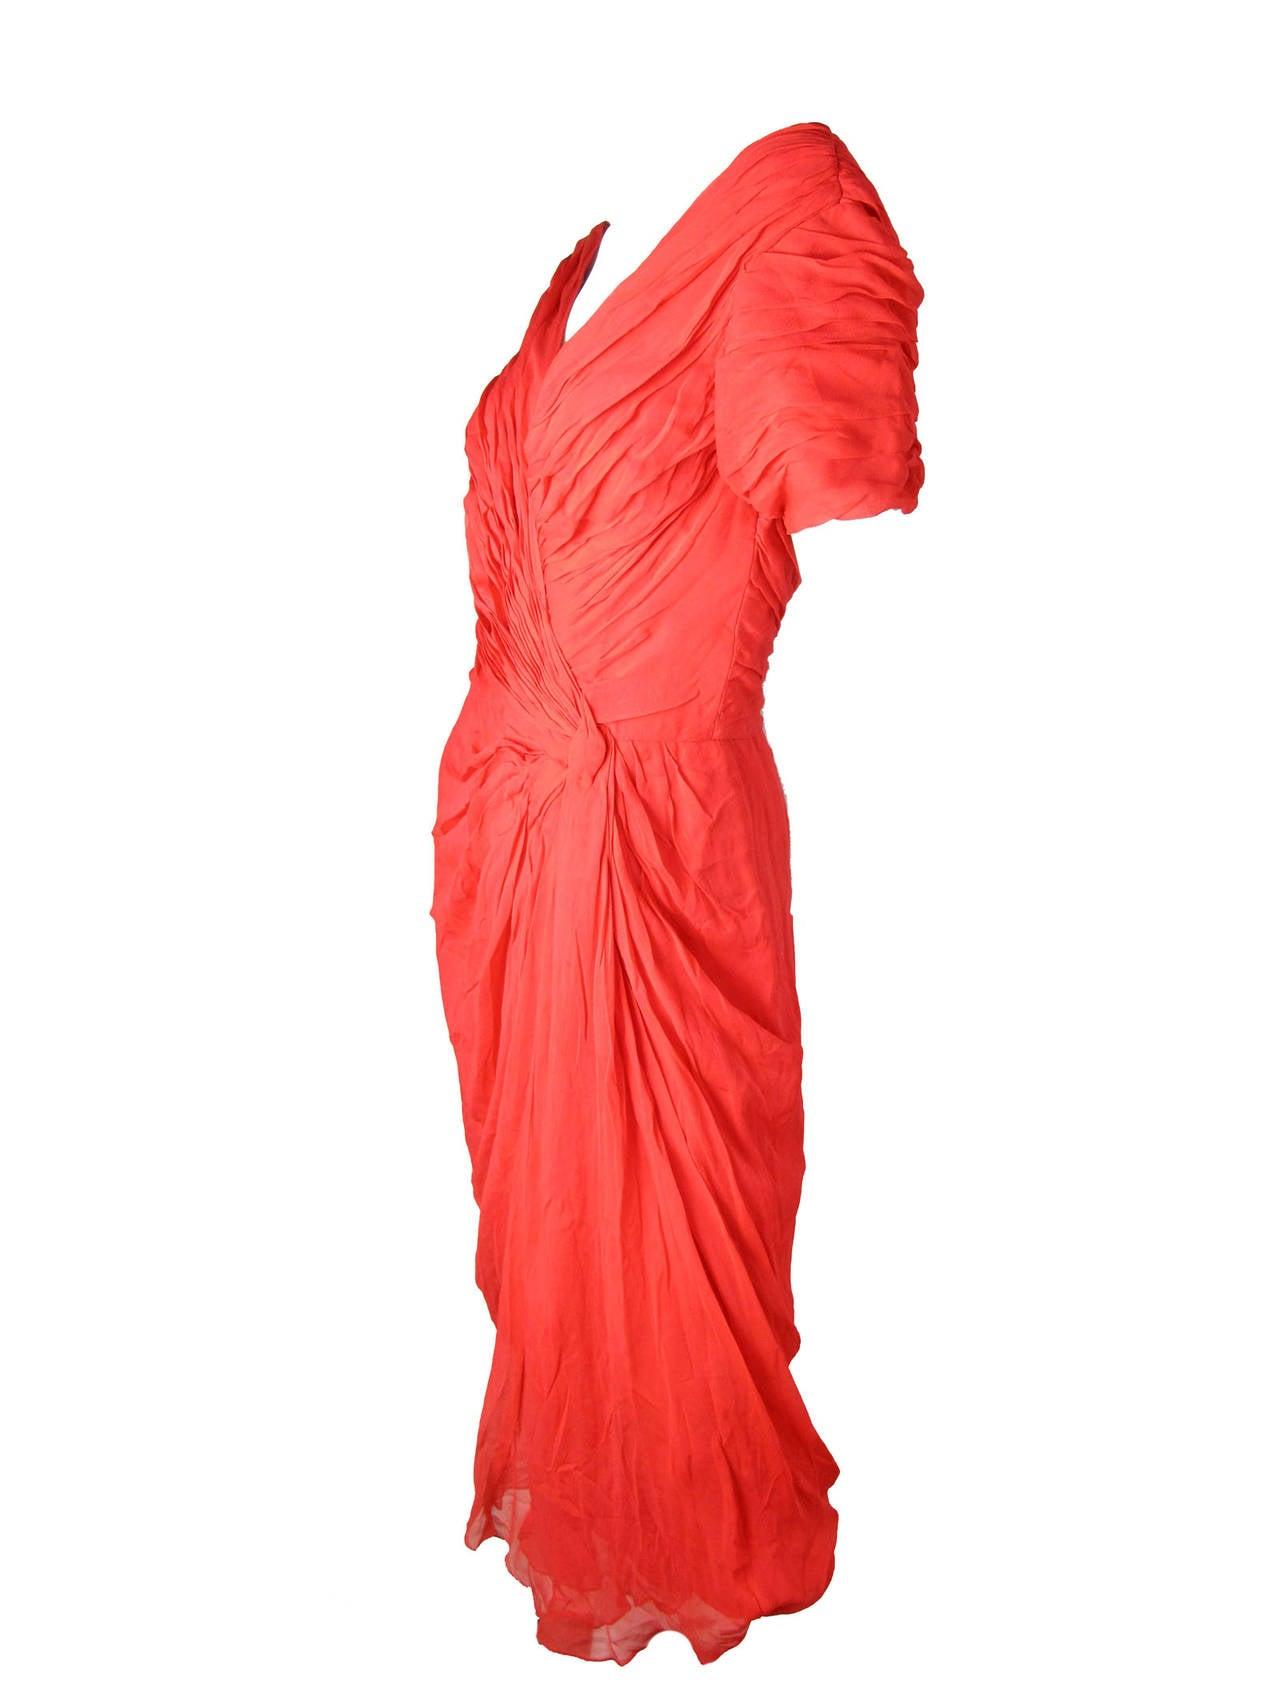 1950s Ceil Chapman Red Silk Chiffon Cocktail Dress - sale 3